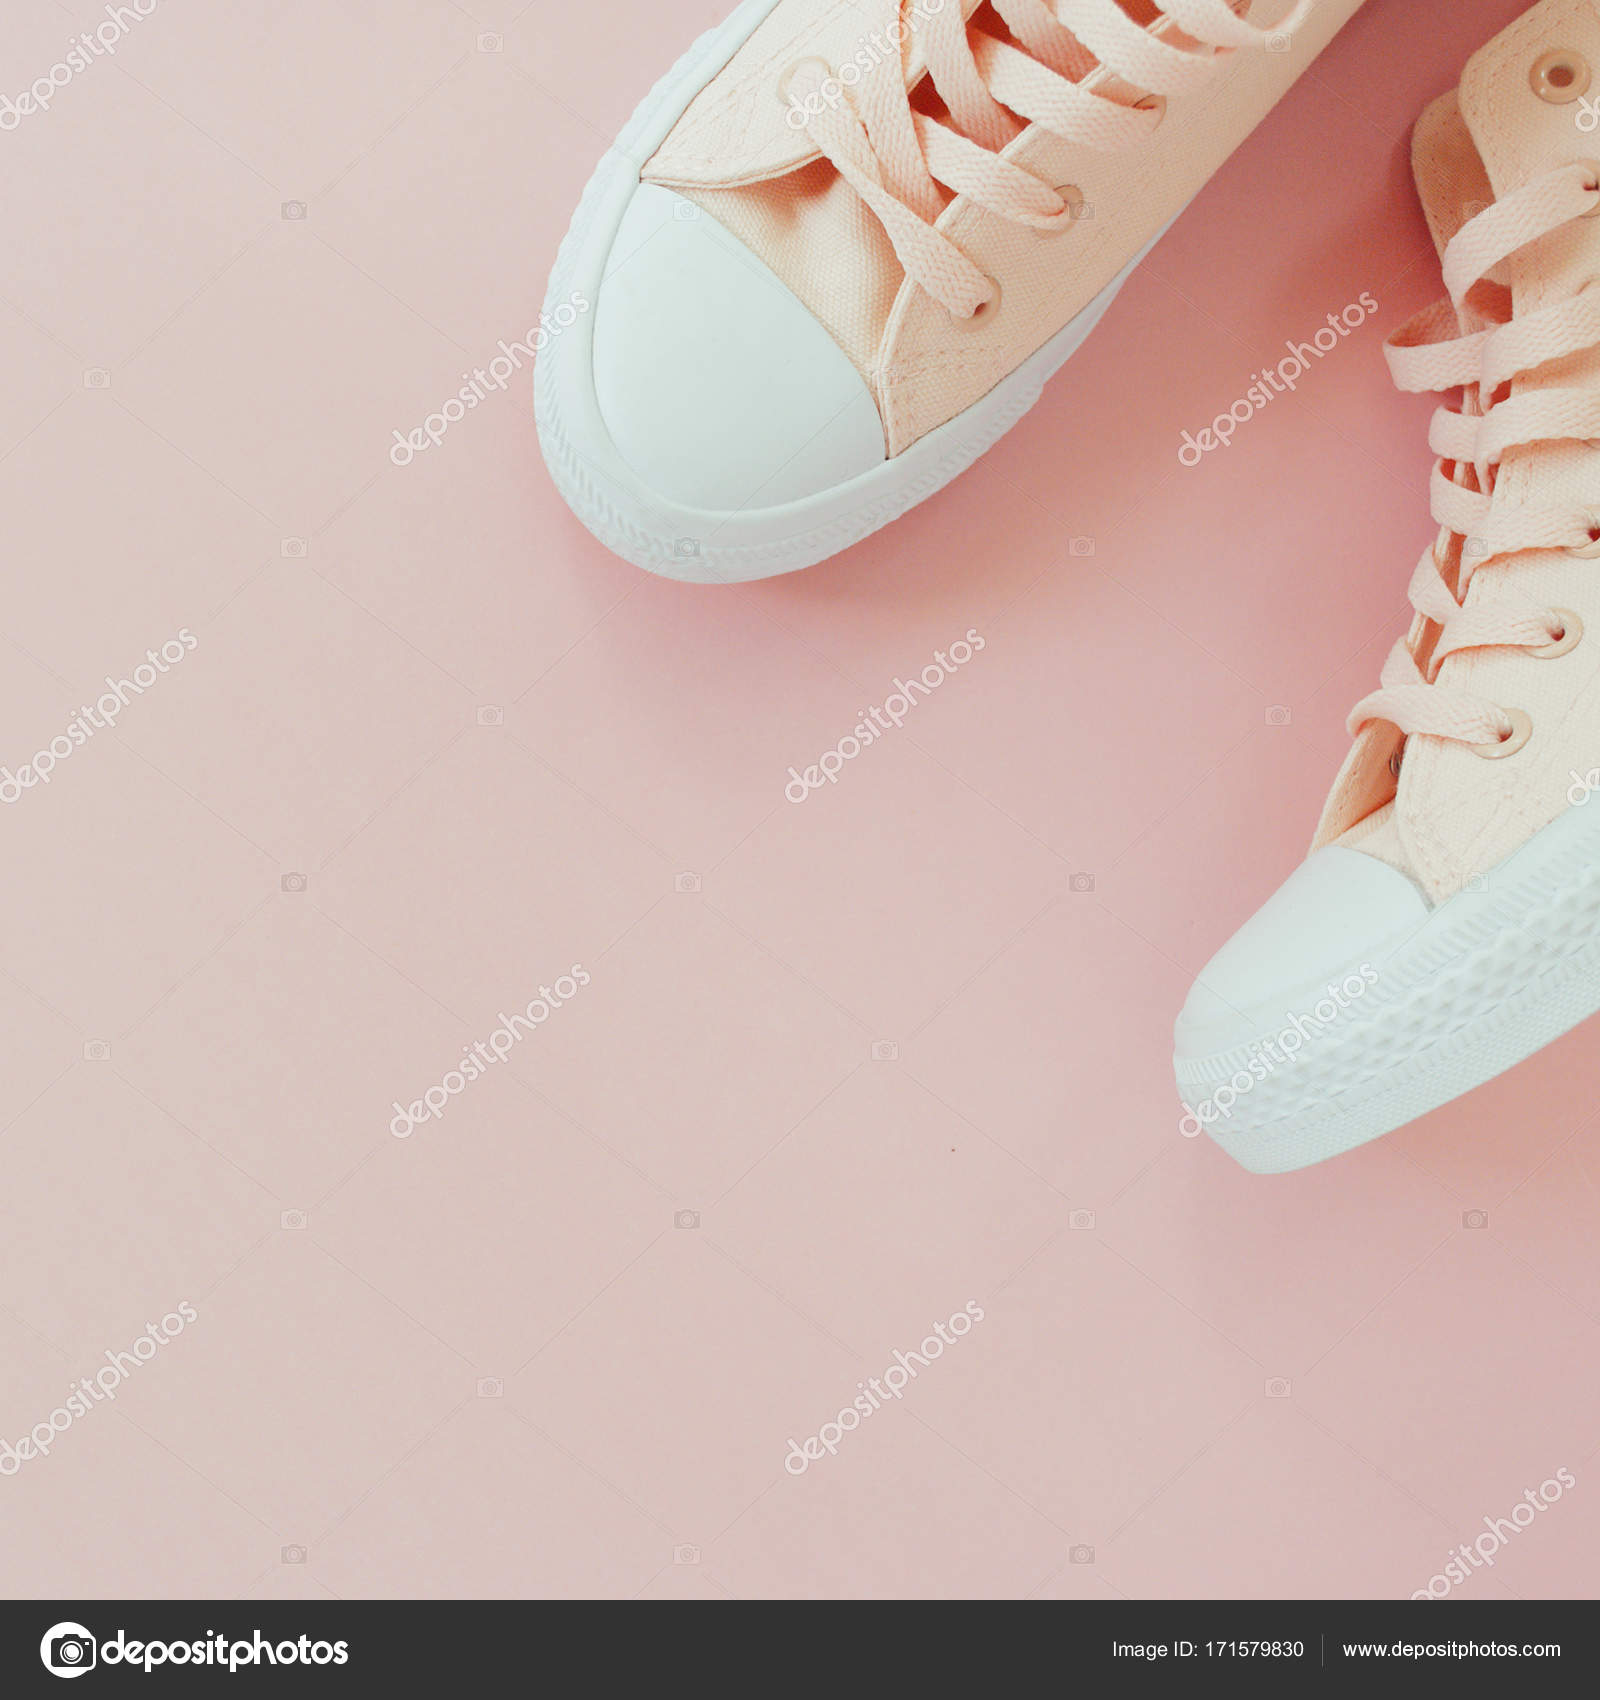 8add455bba7 Plano pone de zapatillas mujer sobre un fondo pastel color rosa pálido.  Lugar para su